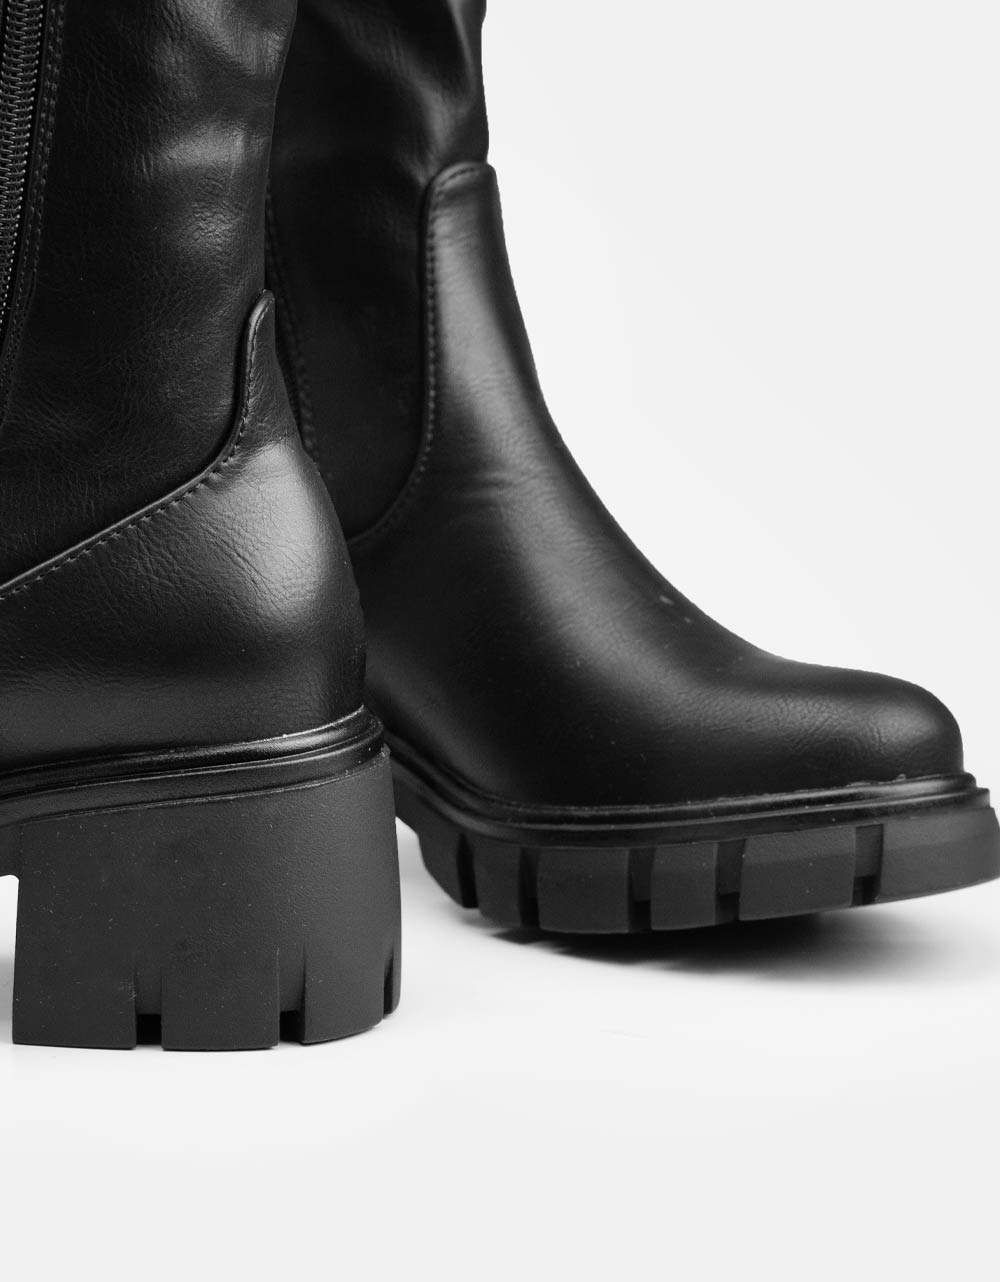 Εικόνα από Γυναικείες μπότες με λάστιχο στο πλαινό μέρος Μαύρο